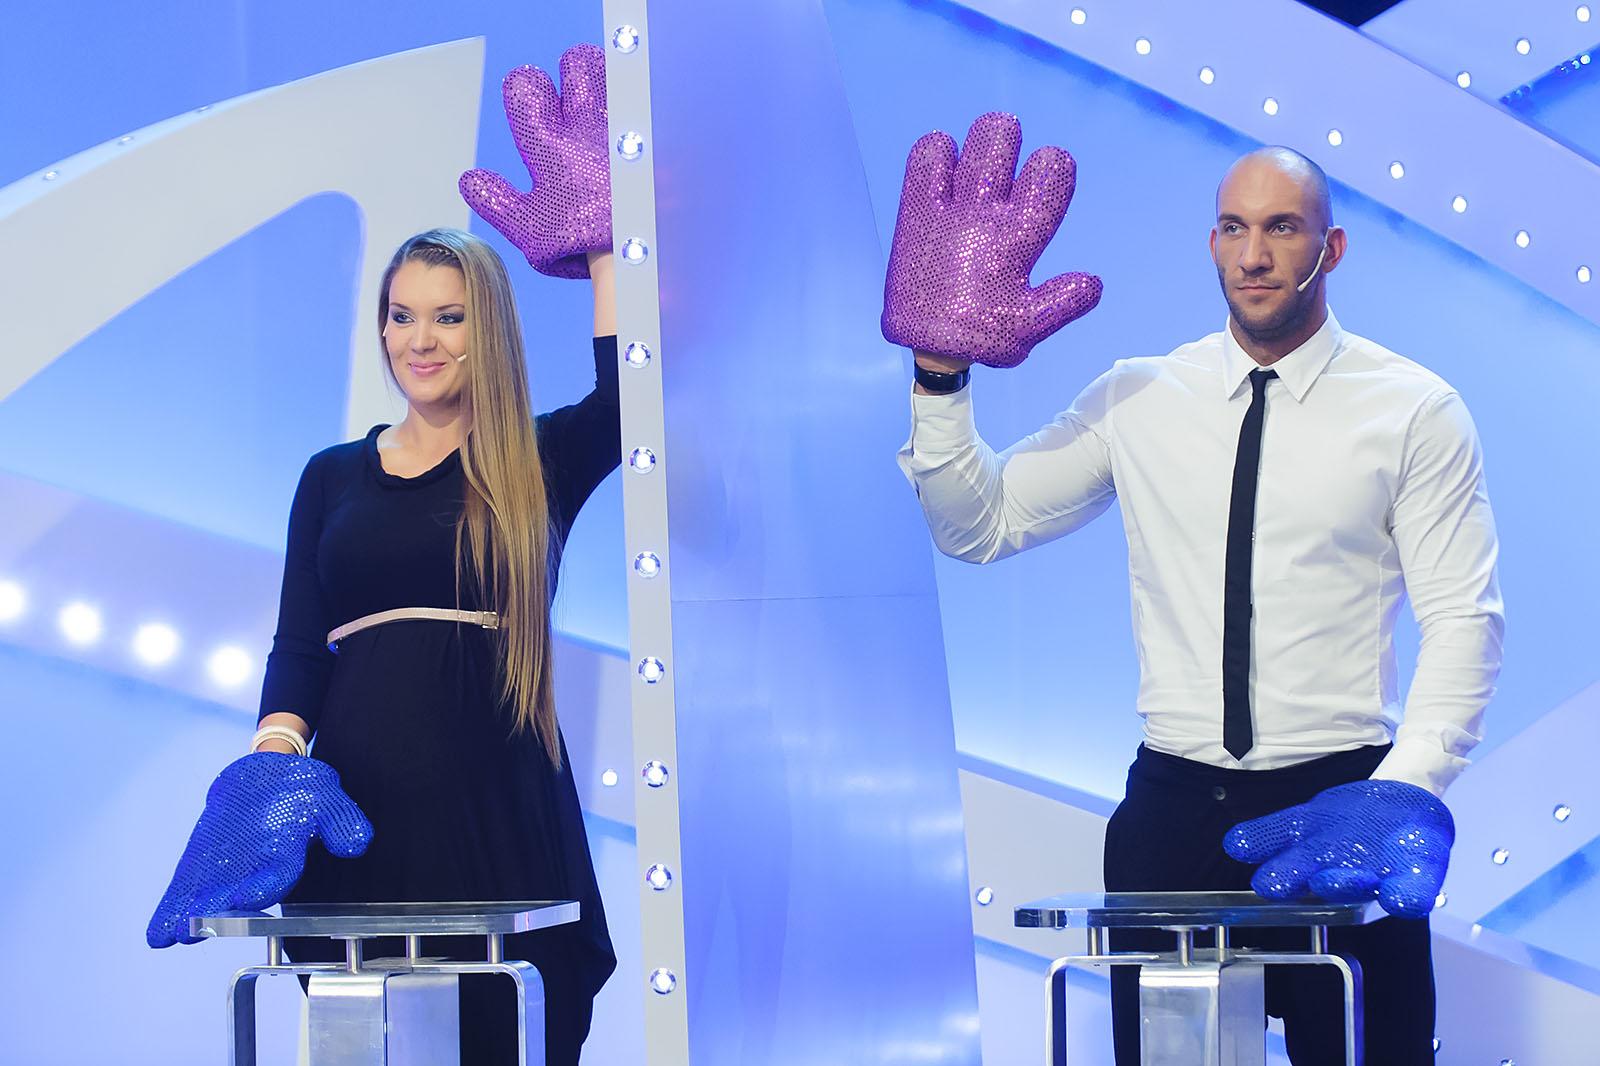 Berki Krisztián és Hódi Pamela a Sztárpár-show című műsorban